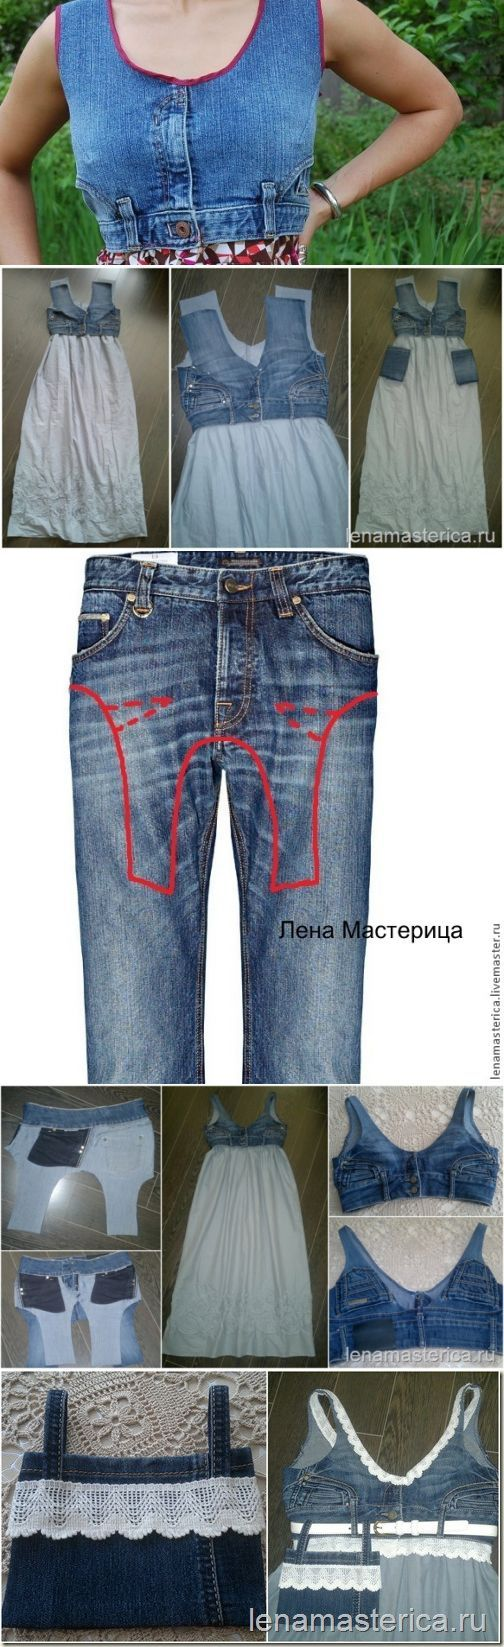 Лиф сарафана из джинсов (мастер-класс) / Переделка джинсов / Своими руками - выкройки, переделка одежды, декор интерьера своими руками - от ВТОРАЯ УЛИЦА